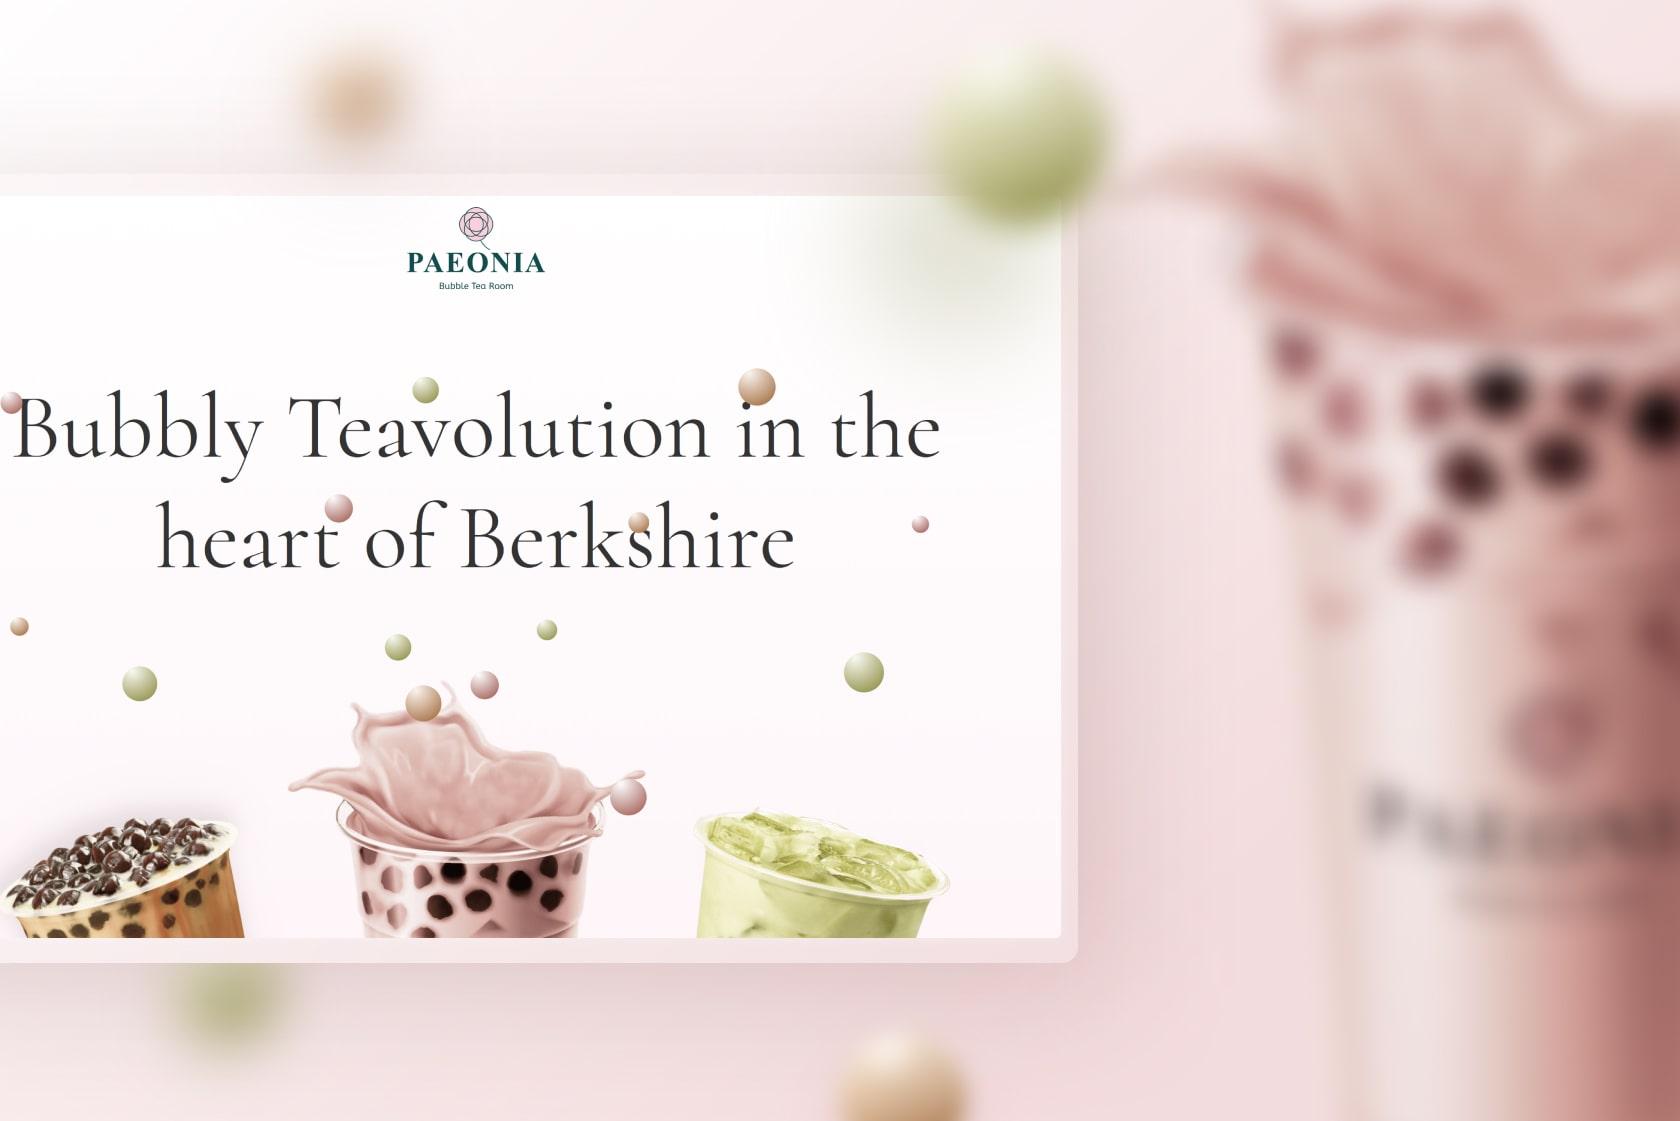 A mockup of a website that sells Bubble tea.